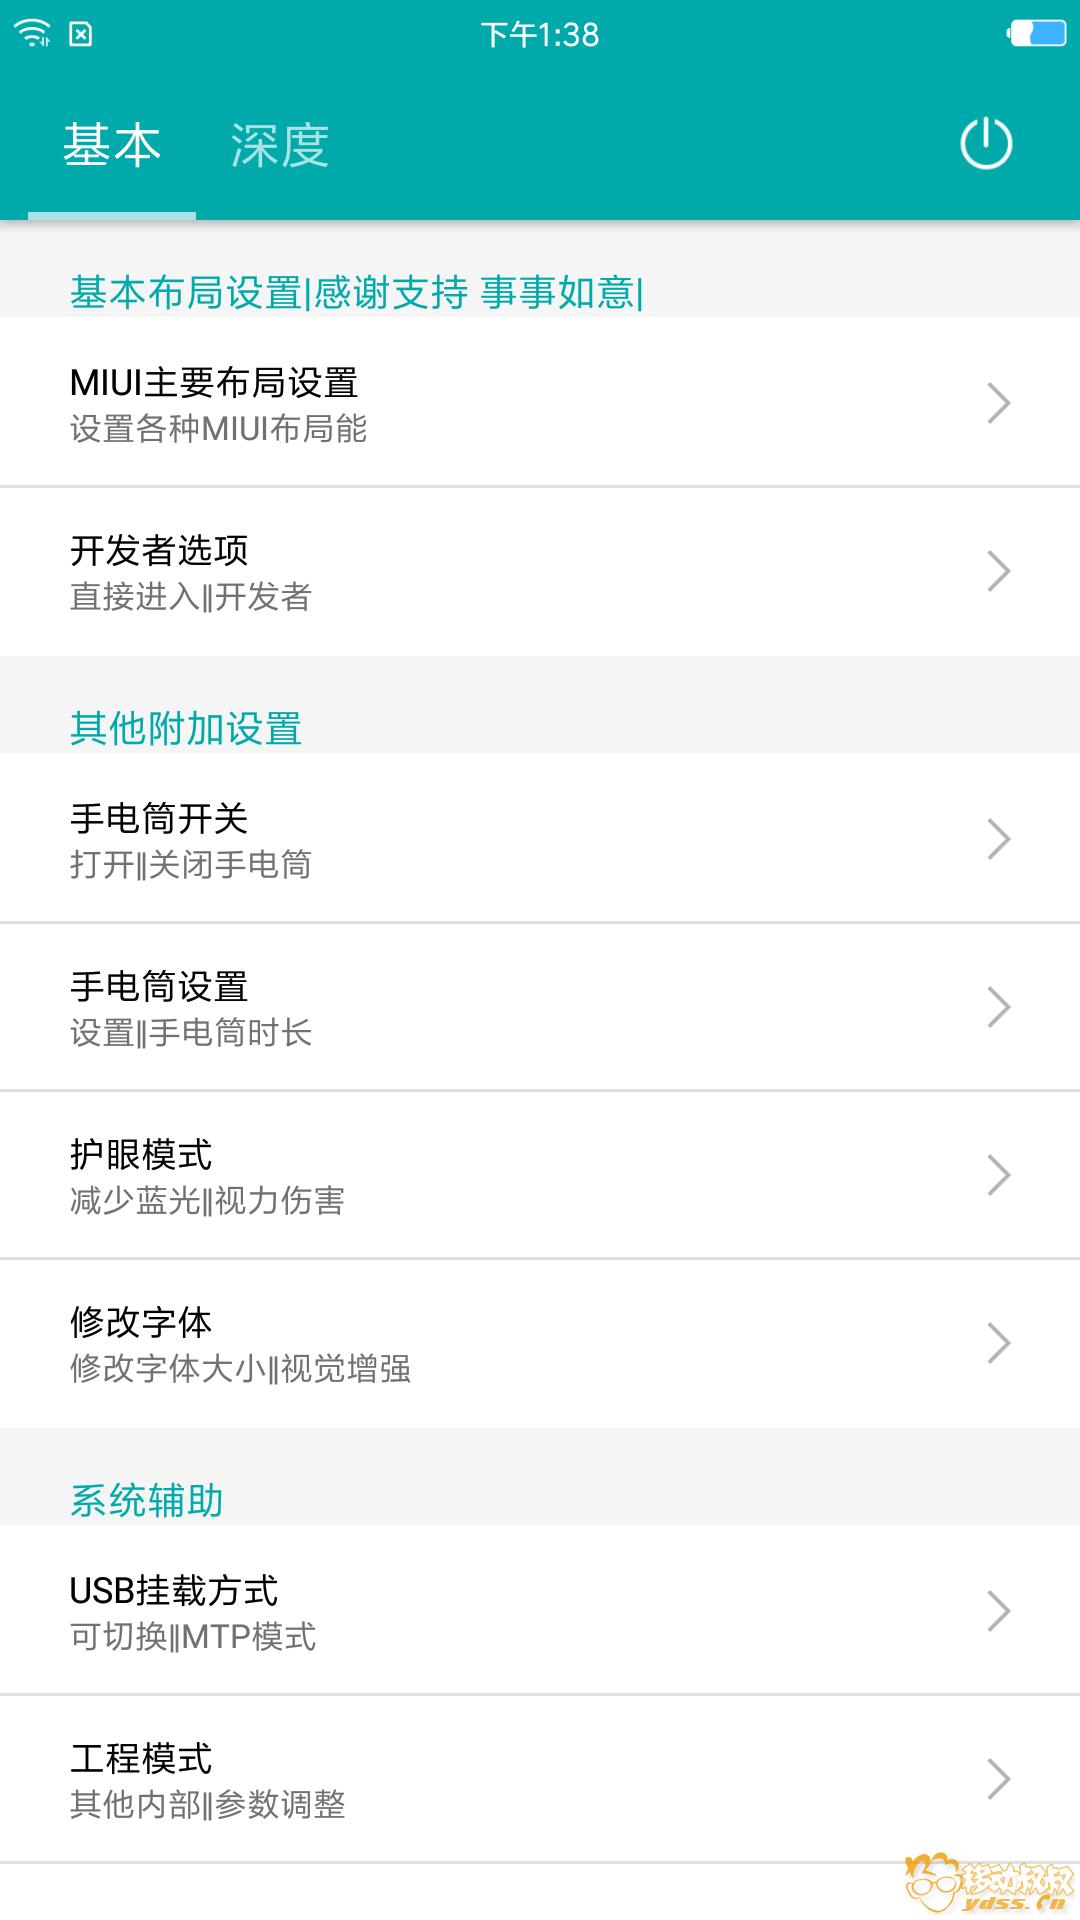 Screenshot_2018-09-19-13-38-12-986_com.lay.superTool.png